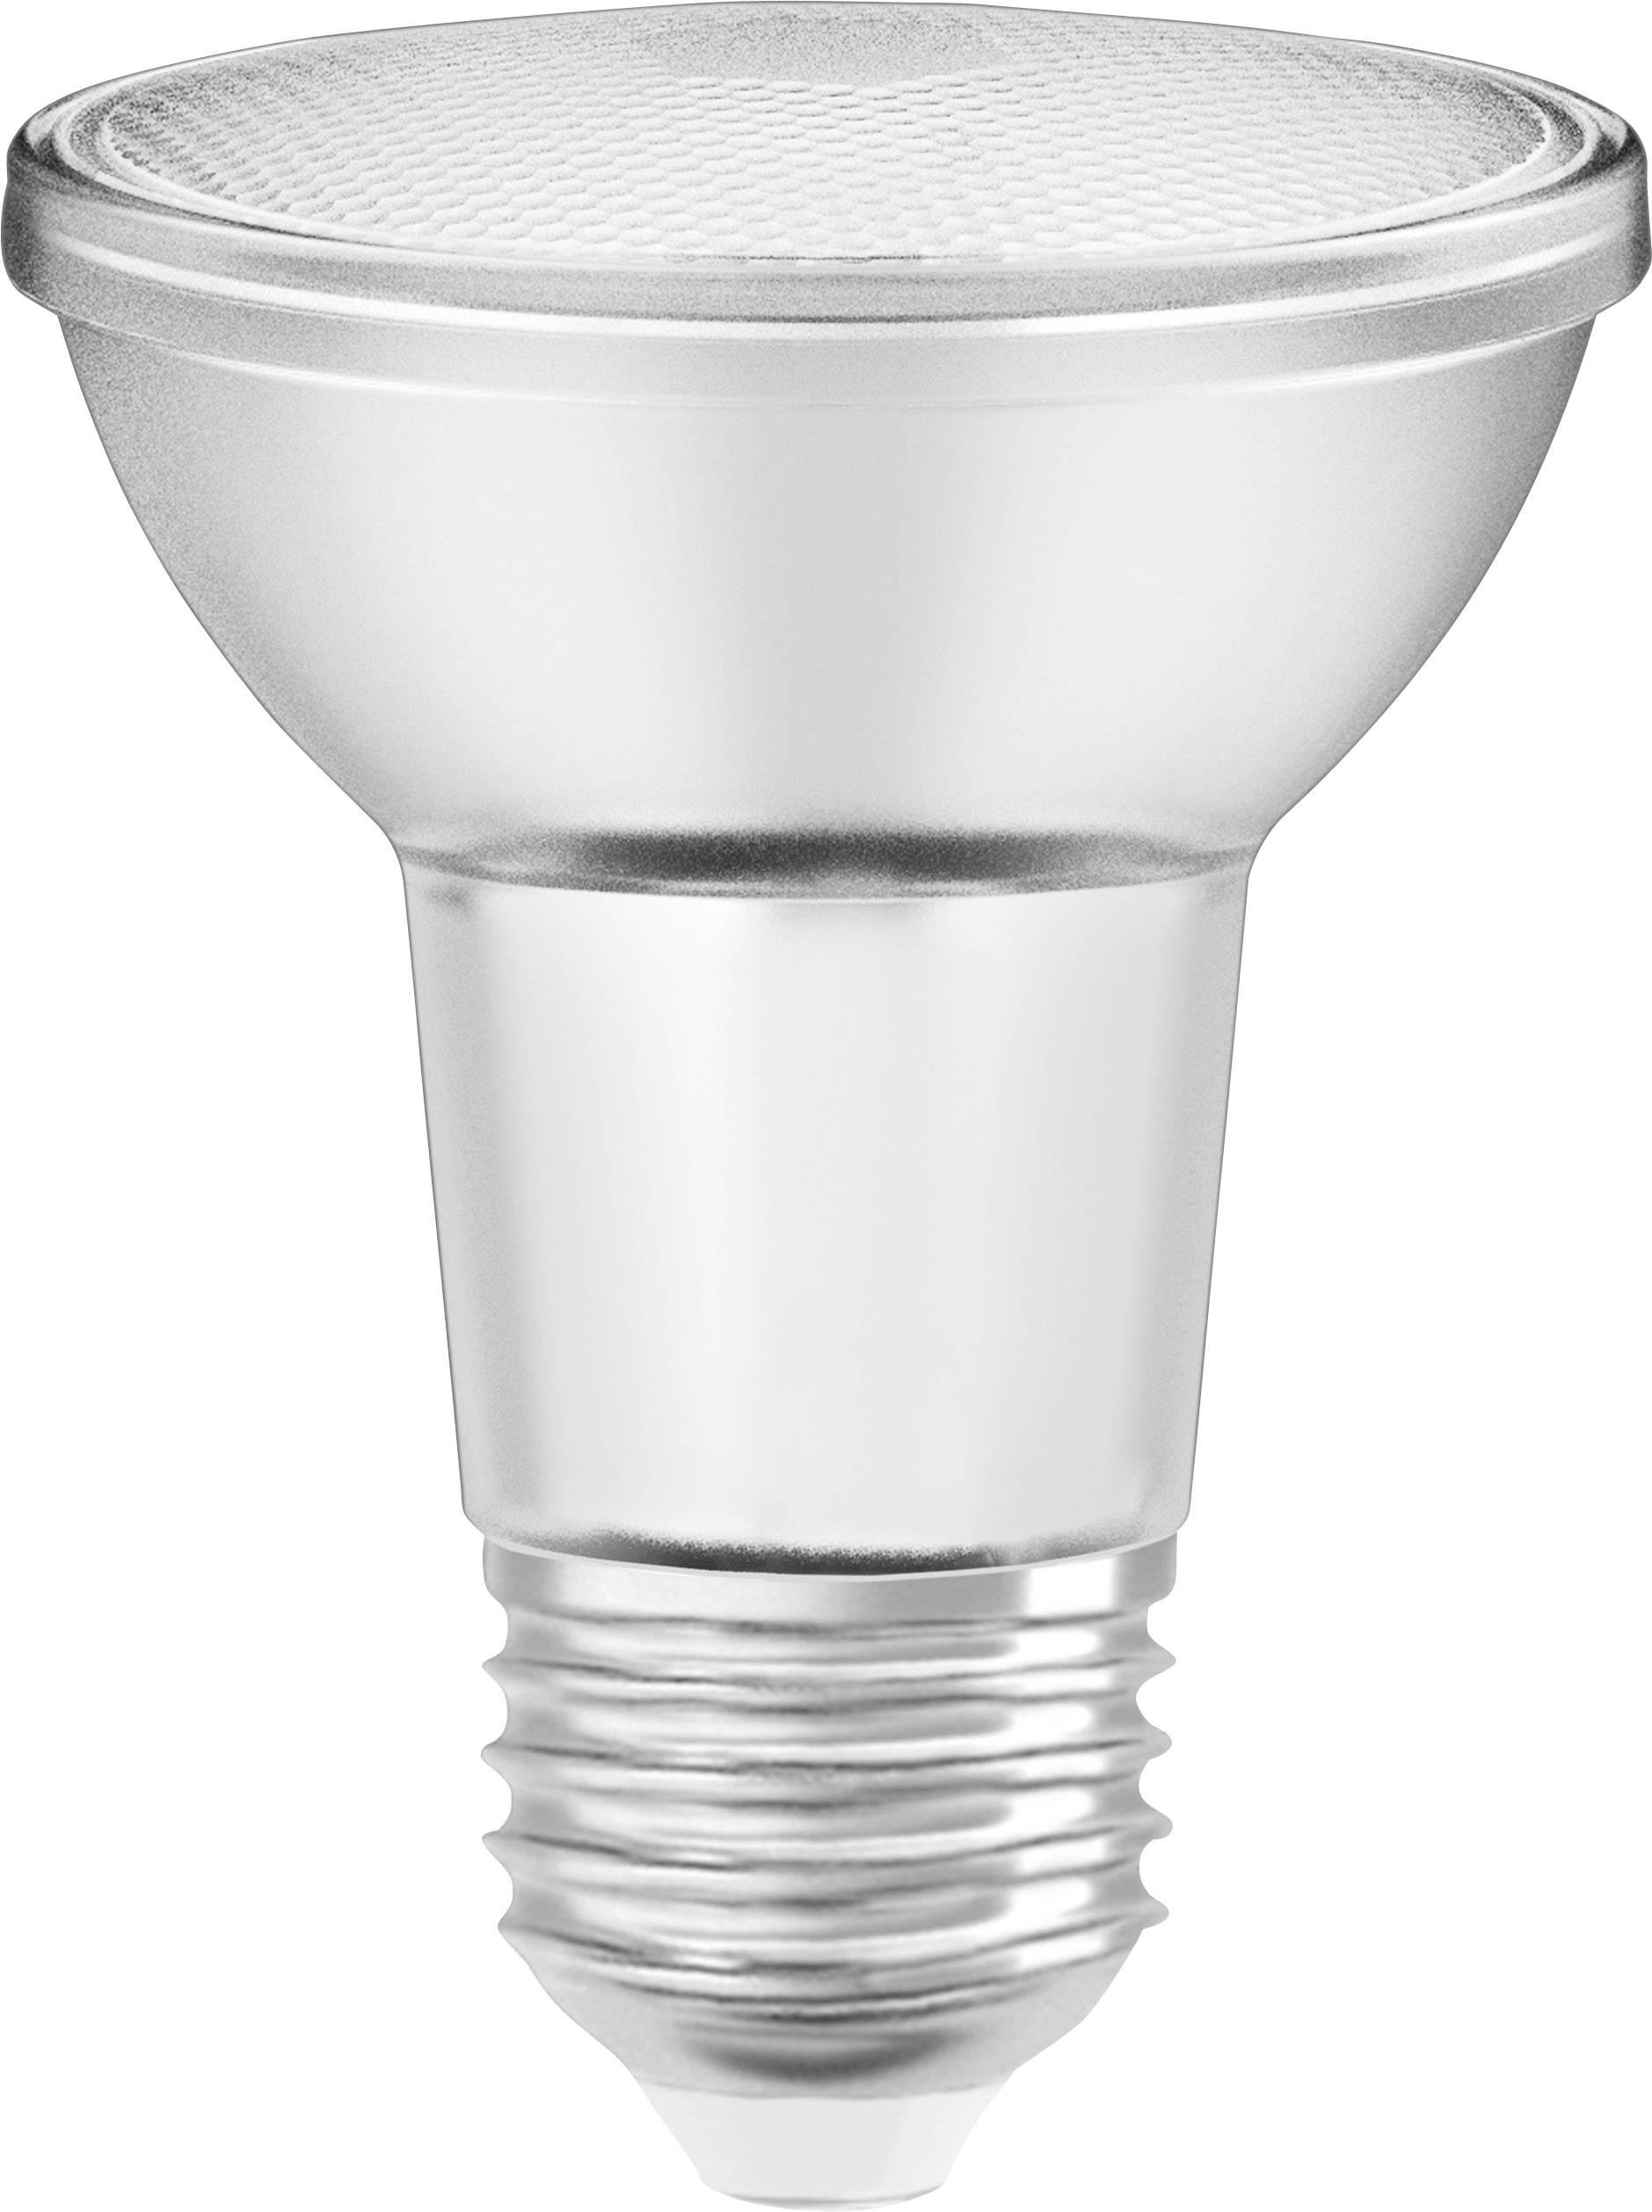 W50 Led 4058075813229 Réflecteur 5 Ampoule Osram Blanc E27 H9IW2ED